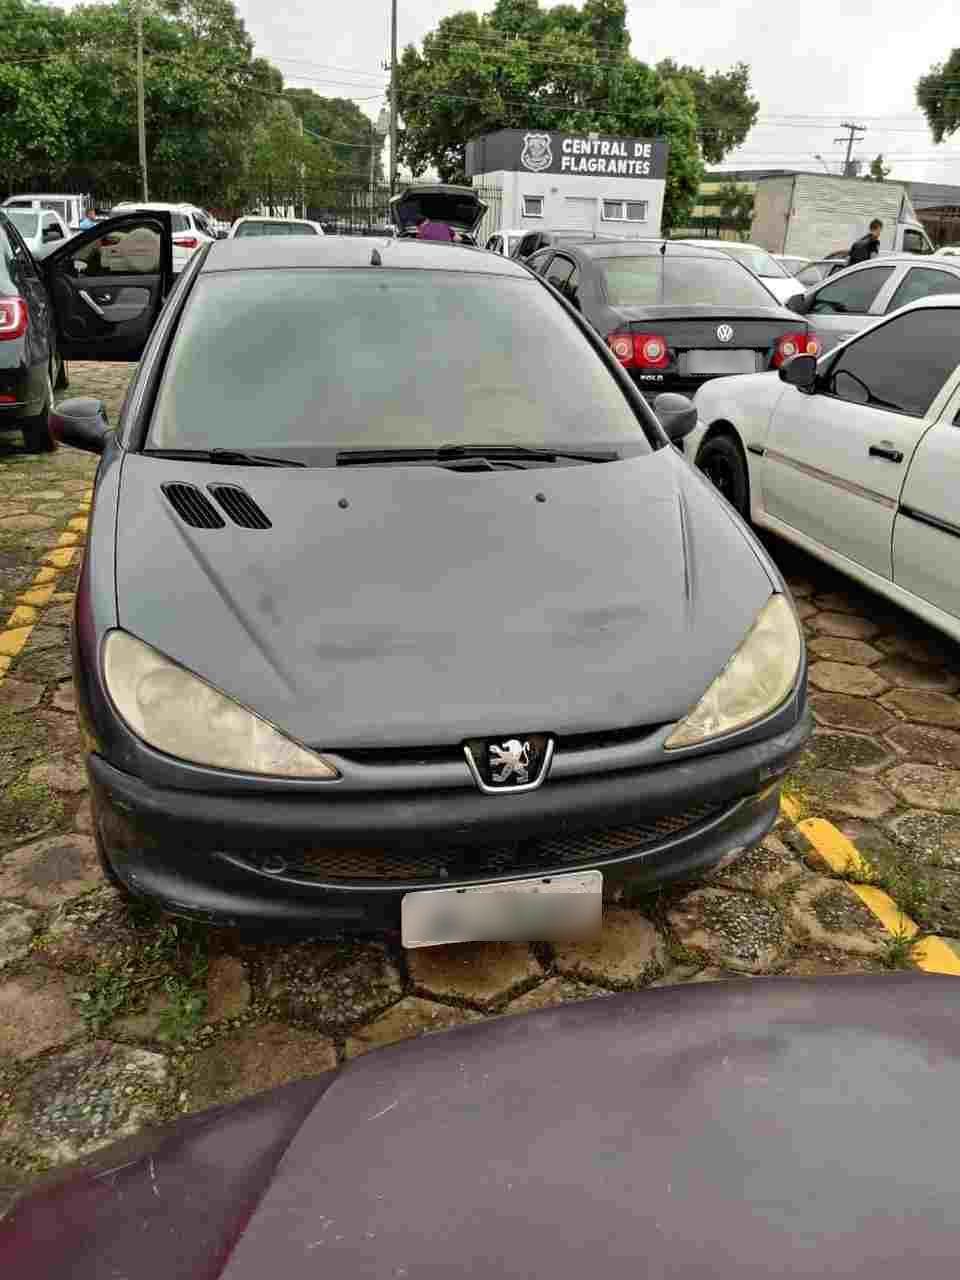 Menores com Peugeot assaltam fujioka reféns